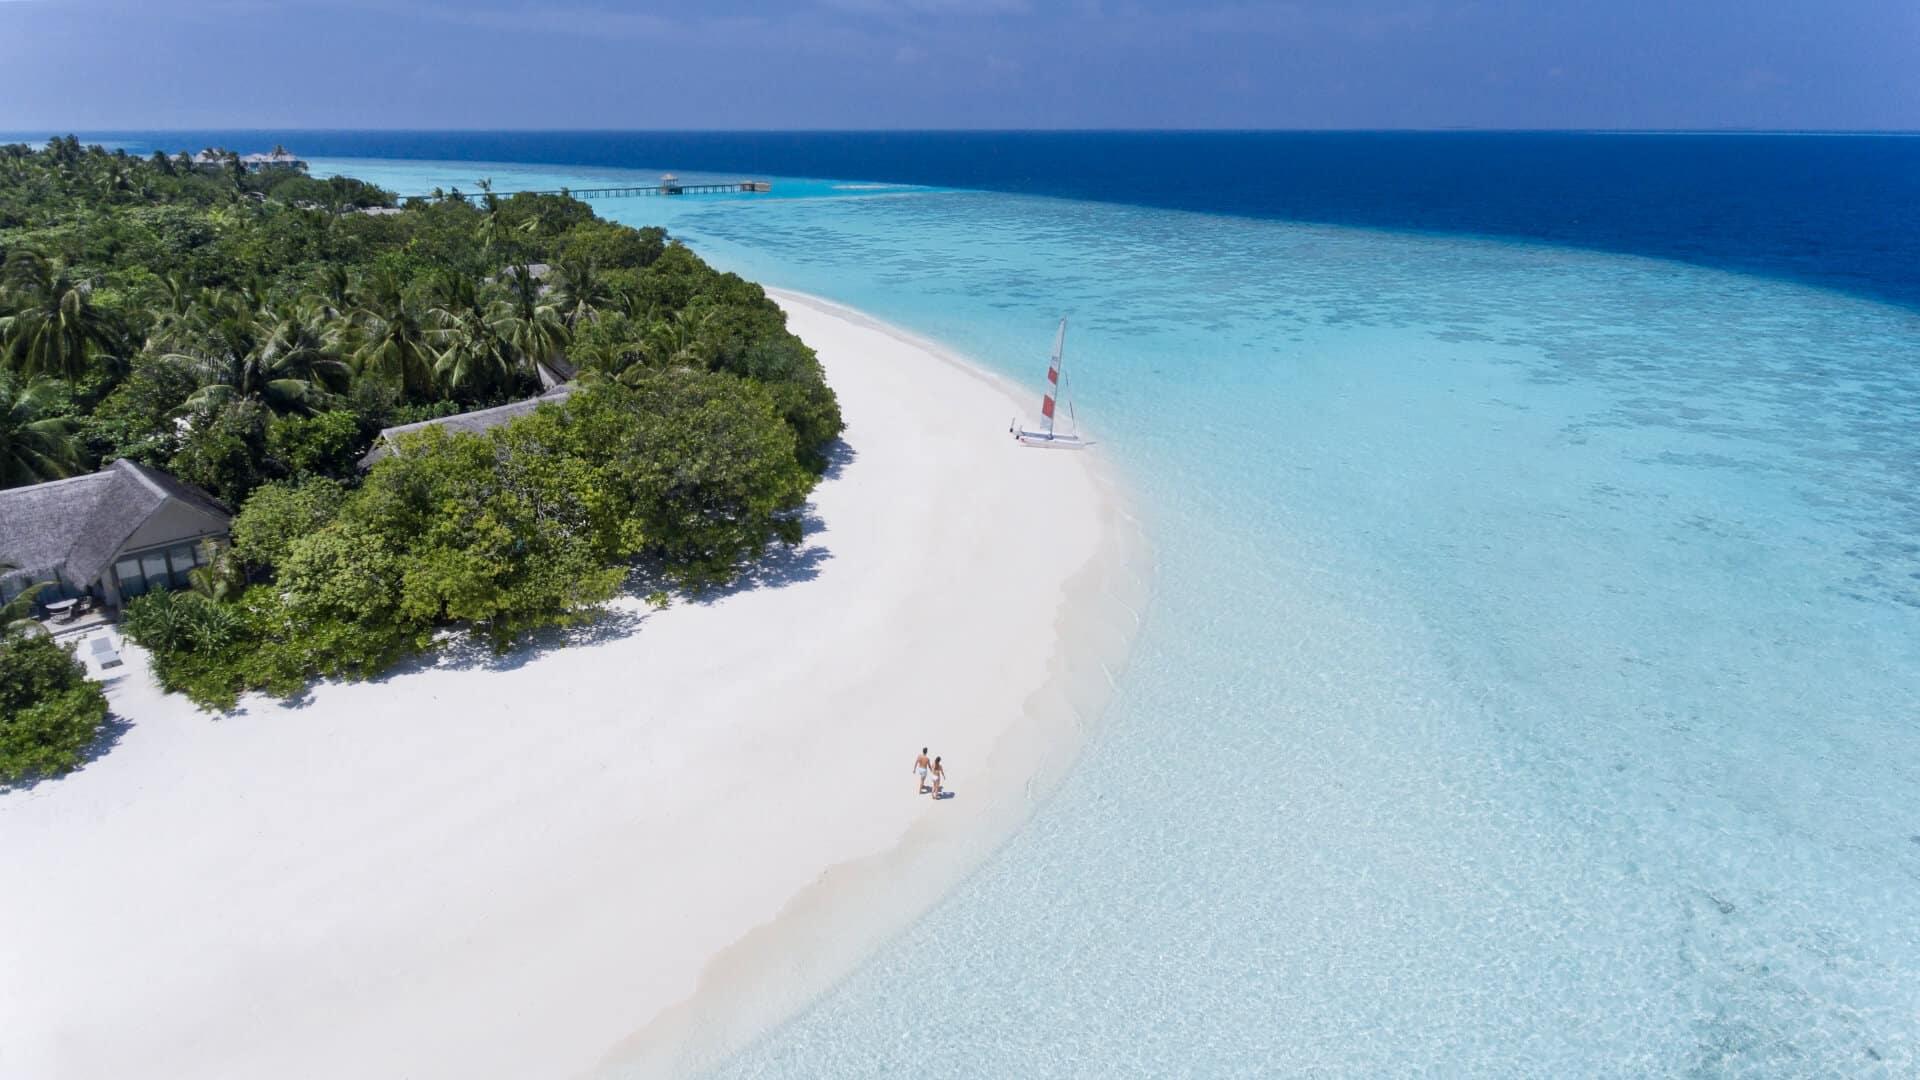 Пляж с белоснежным песком и кристально чистой водой биосферного заповедника Баа, внесенного в список объектов Всемирного наследия ЮНЕСКО.